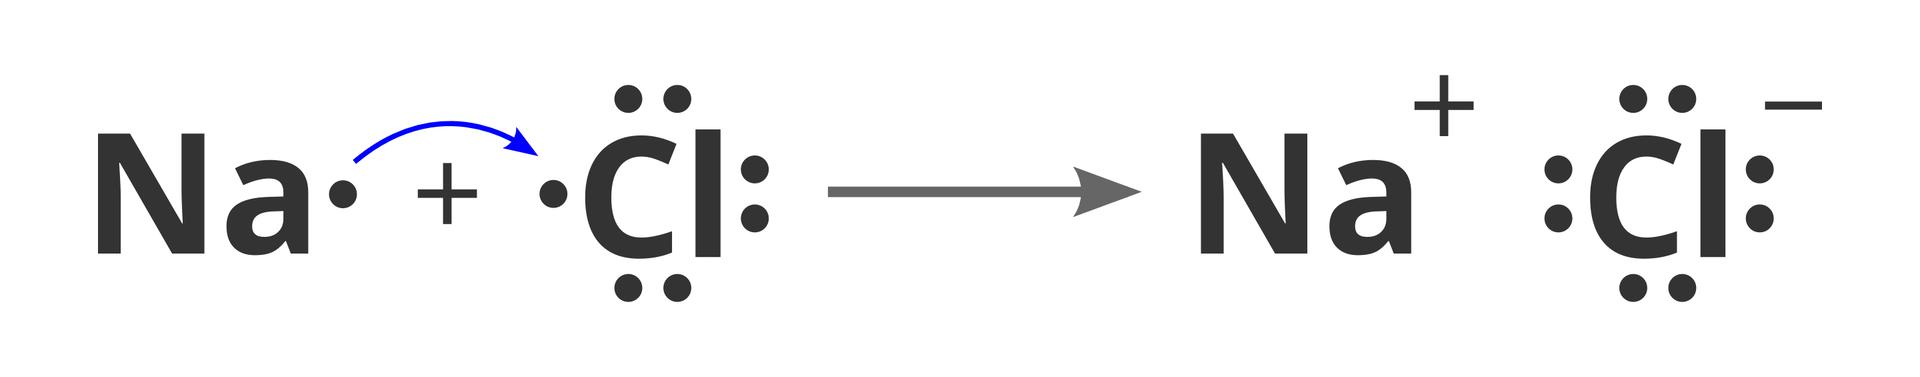 Schemat powstawania jonów zatomów sodu ichloru podczas reakcji łączenia się tych pierwiastków wcząsteczki chlorku sodu. Na ilustracji po lewej stronie prezentowane są elektrycznie obojętne atomy sodu ichloru zzaznaczoną za pomocą zapisu zkropkami liczbą elektronów walencyjnych. Znajdujący się pomiędzy nimi znak plus wskazuje na równanie reakcji chemicznej. Wygięta niebieska strzałka wiedzie od jedynego elektronu walencyjnego sodu do wolnego miejsca przy siódmym elektronie walencyjnym chloru. Następnie pojawia się długa pozioma strzałka skierowana wprawo, znak przeprowadzanej reakcji. Po prawej stronie równania znajduje się związek NaCl zapisany zuwzględnieniem ładunków jonów - przy Na znak plus, czy Cl znak minus - oraz informacji oatomach na powłoce walencyjnej. Przy symbolu sodu nie ma żadnych kropek, awokół symbolu chloru znajduje się pełen oktet.